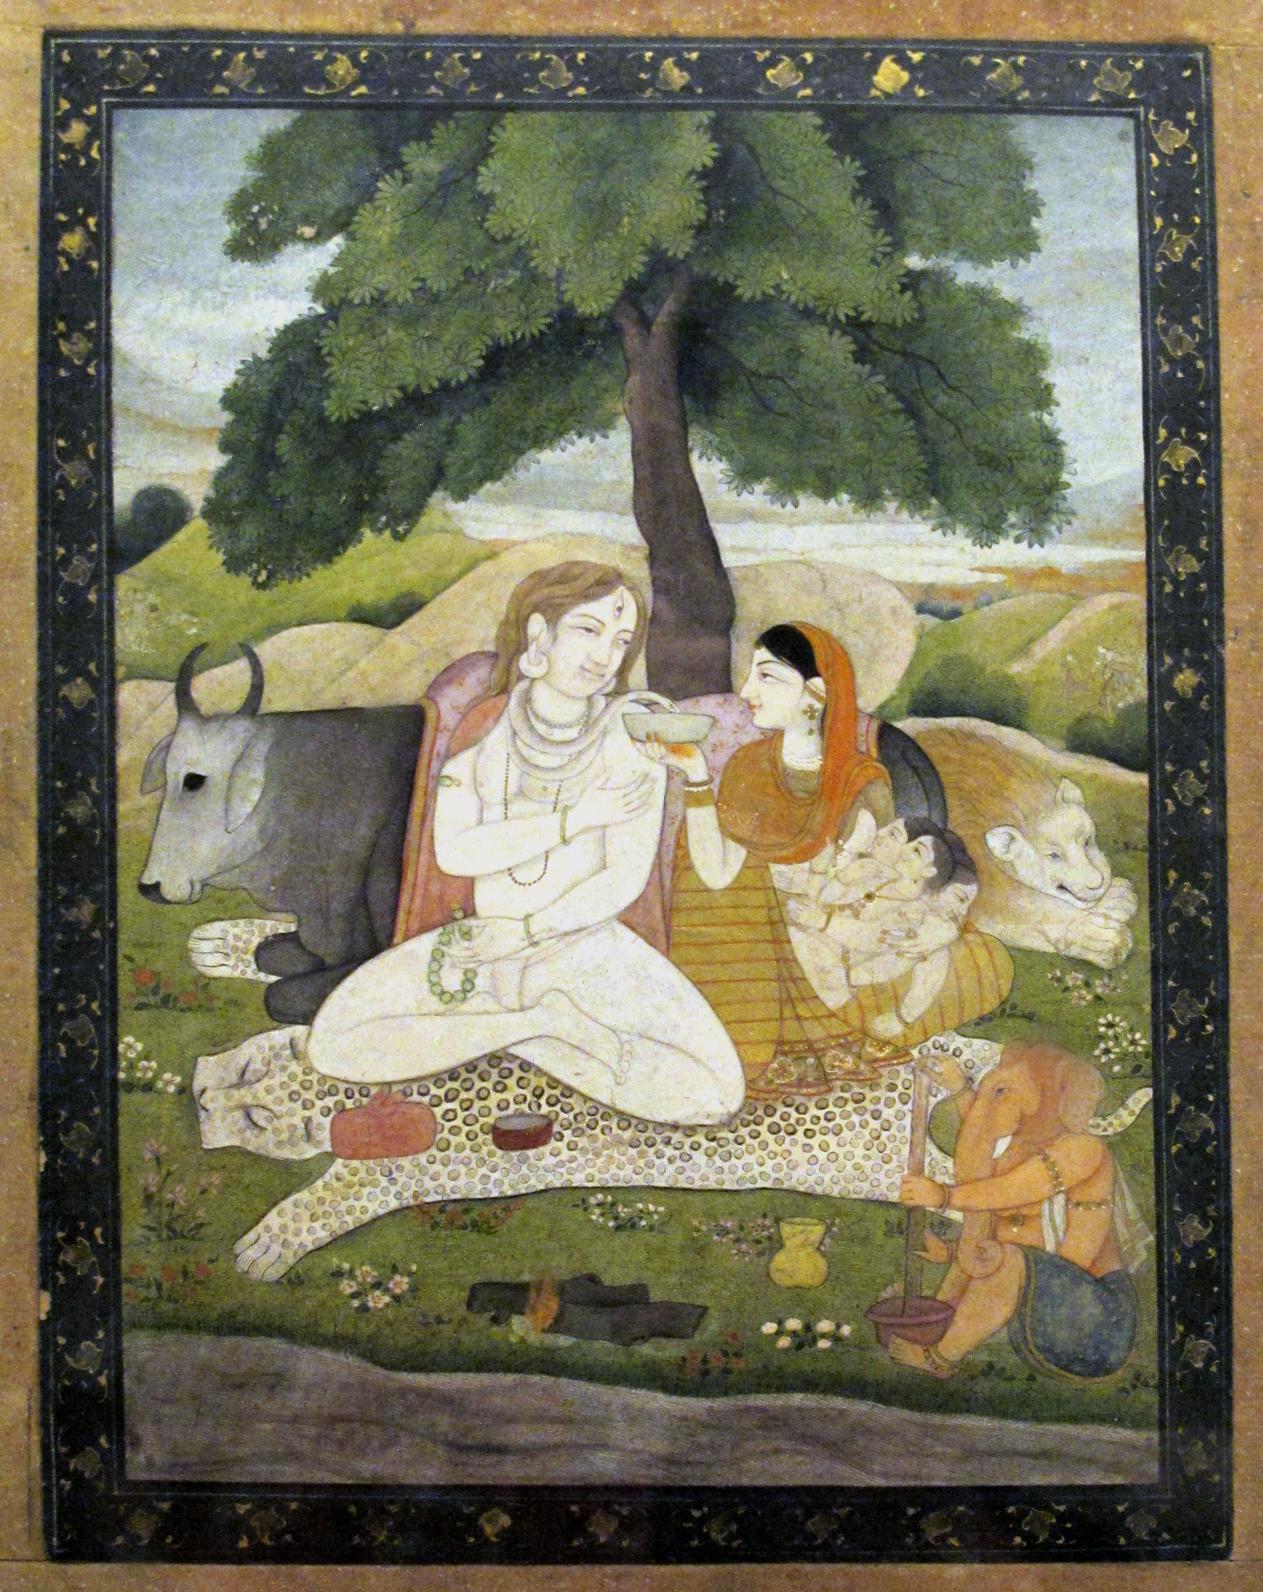 Shiva e la sua famiglia/ Shiva and his family    Acquerello e tempera su carta, fine secolo XVIII/ Watercolor and opaque colors on paper, end of 18th century   Mumbay, Prince of Wales Museum of Western India